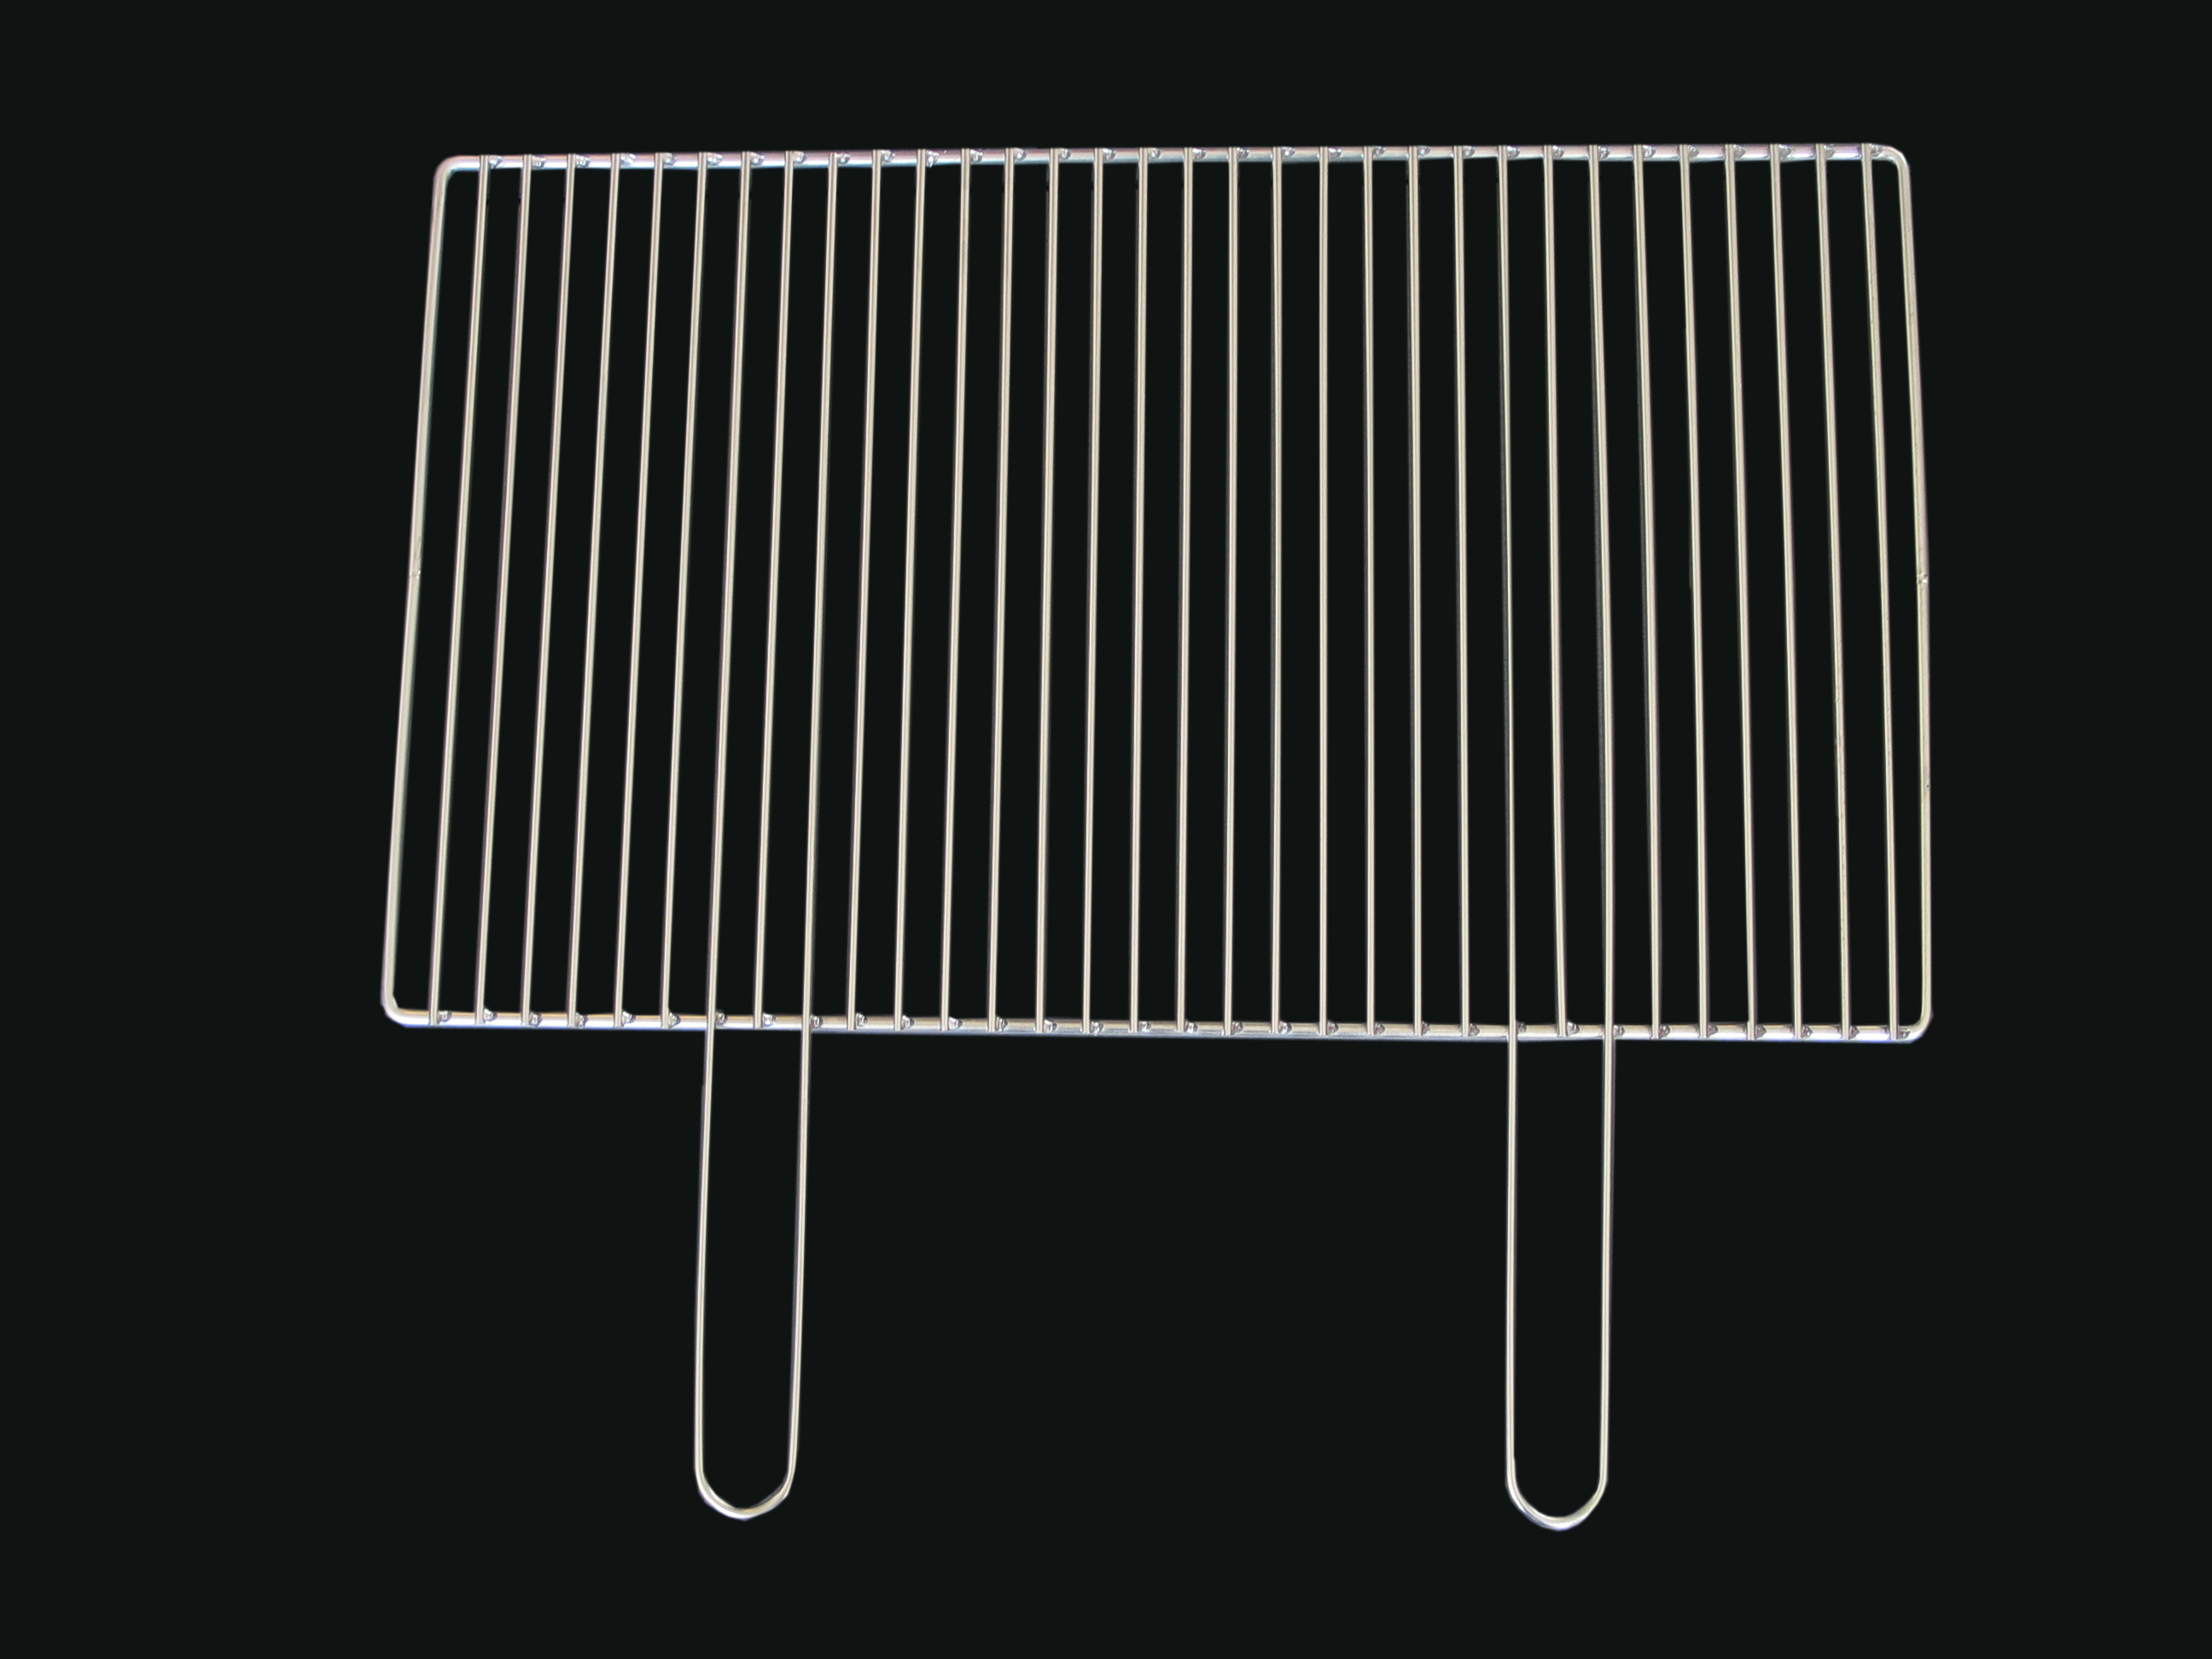 kamin rost edelstahl 600 mm x 400 mm von. Black Bedroom Furniture Sets. Home Design Ideas